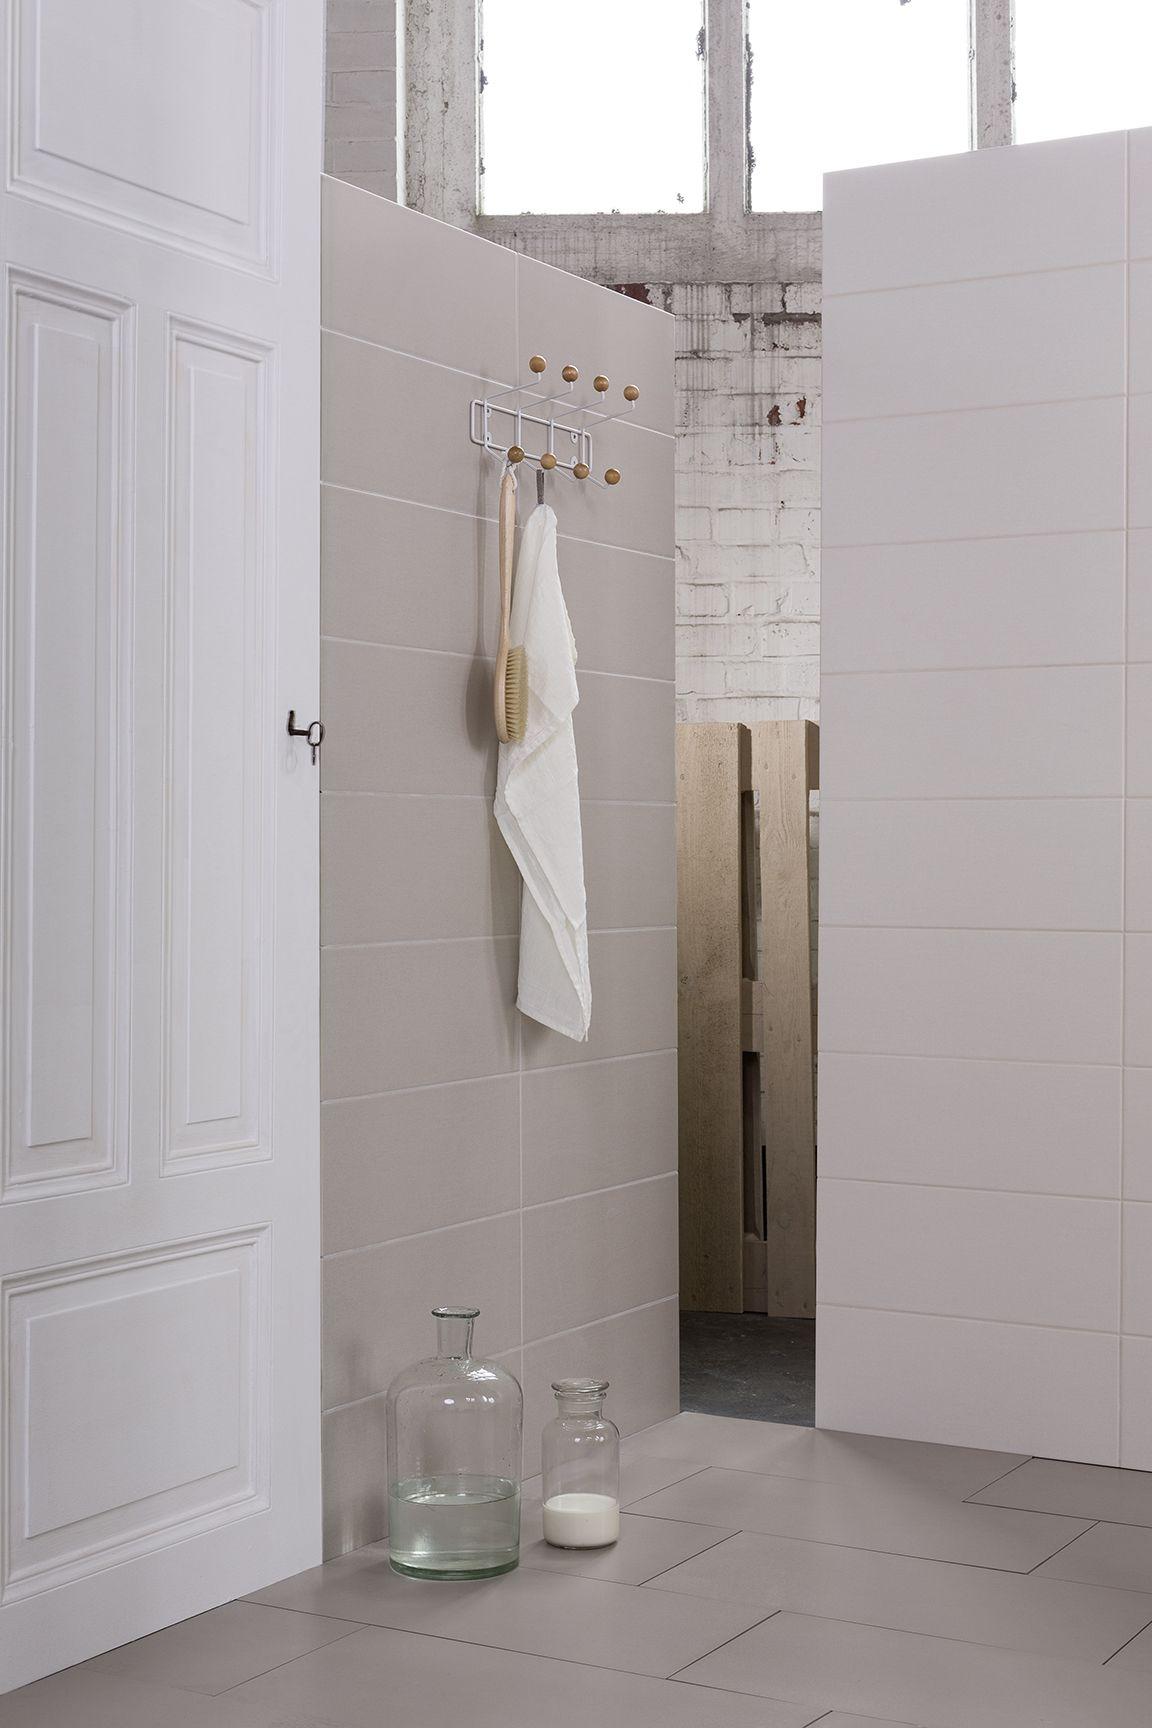 Wand und bodenfliesen aus der raffi tiles collection in nat rlichen oberfl chen und soften - Wand und bodenfliesen ...